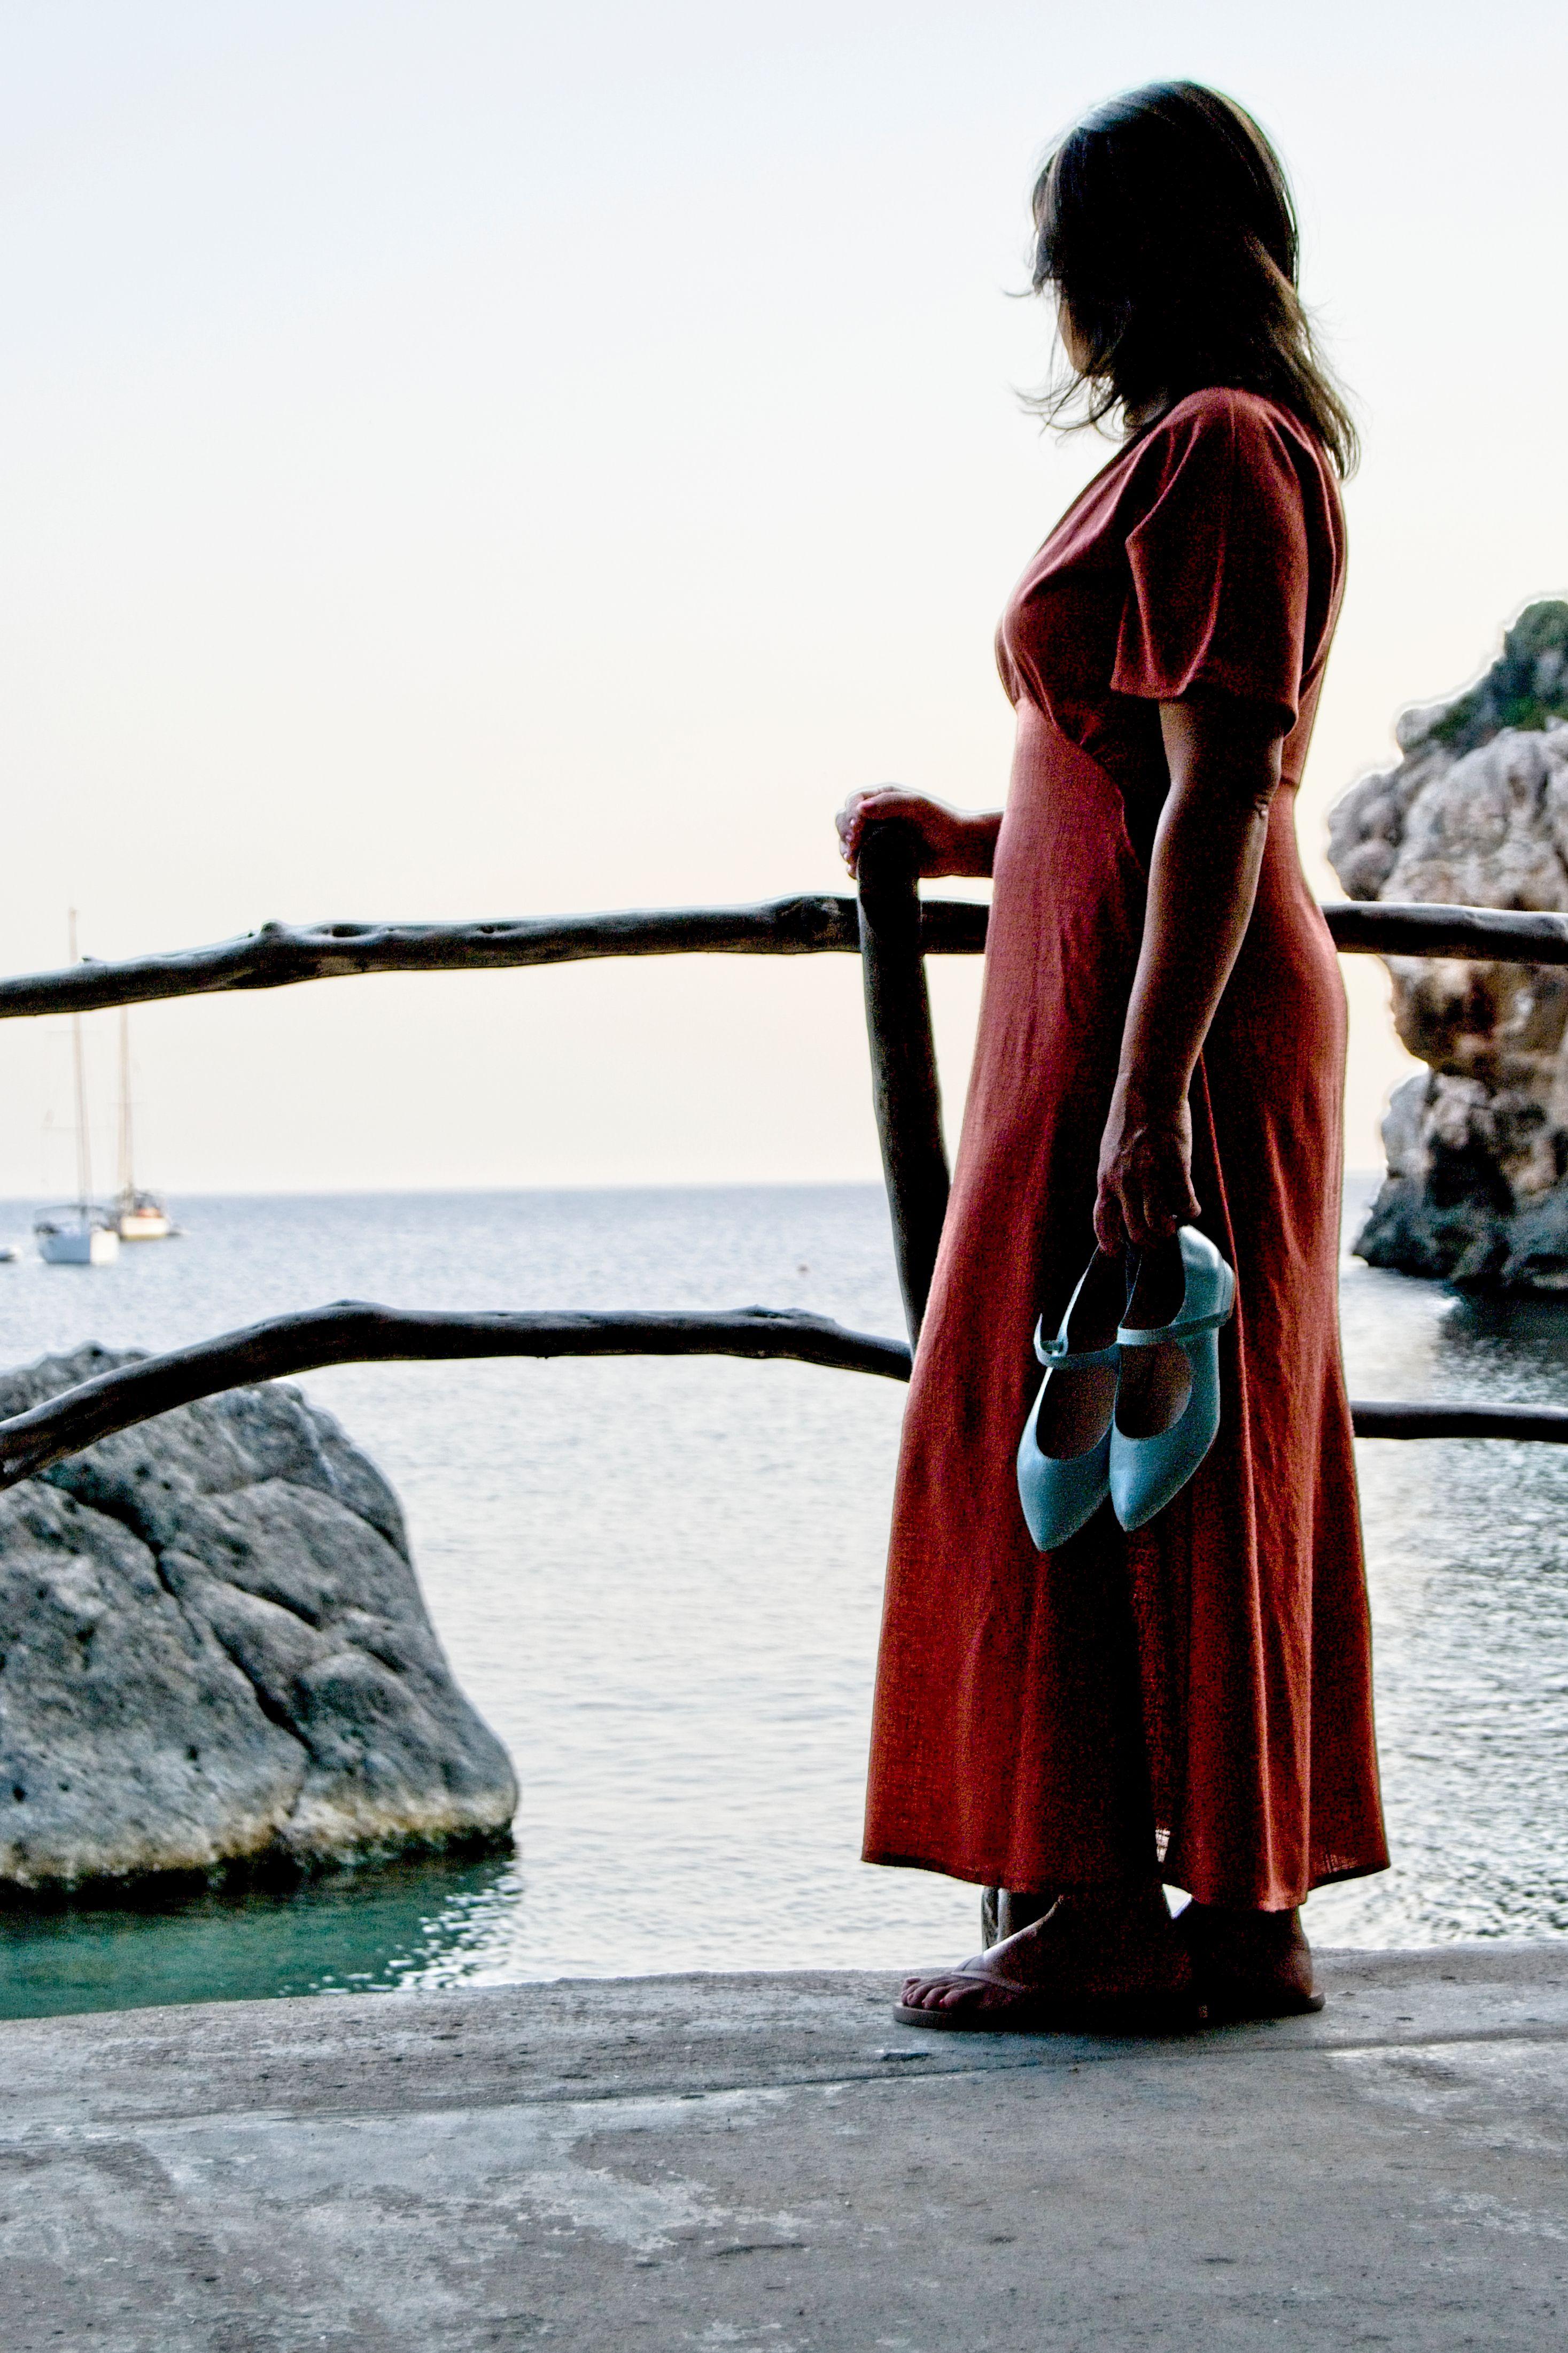 Mary Jane Audrey de Bohemian Shoes